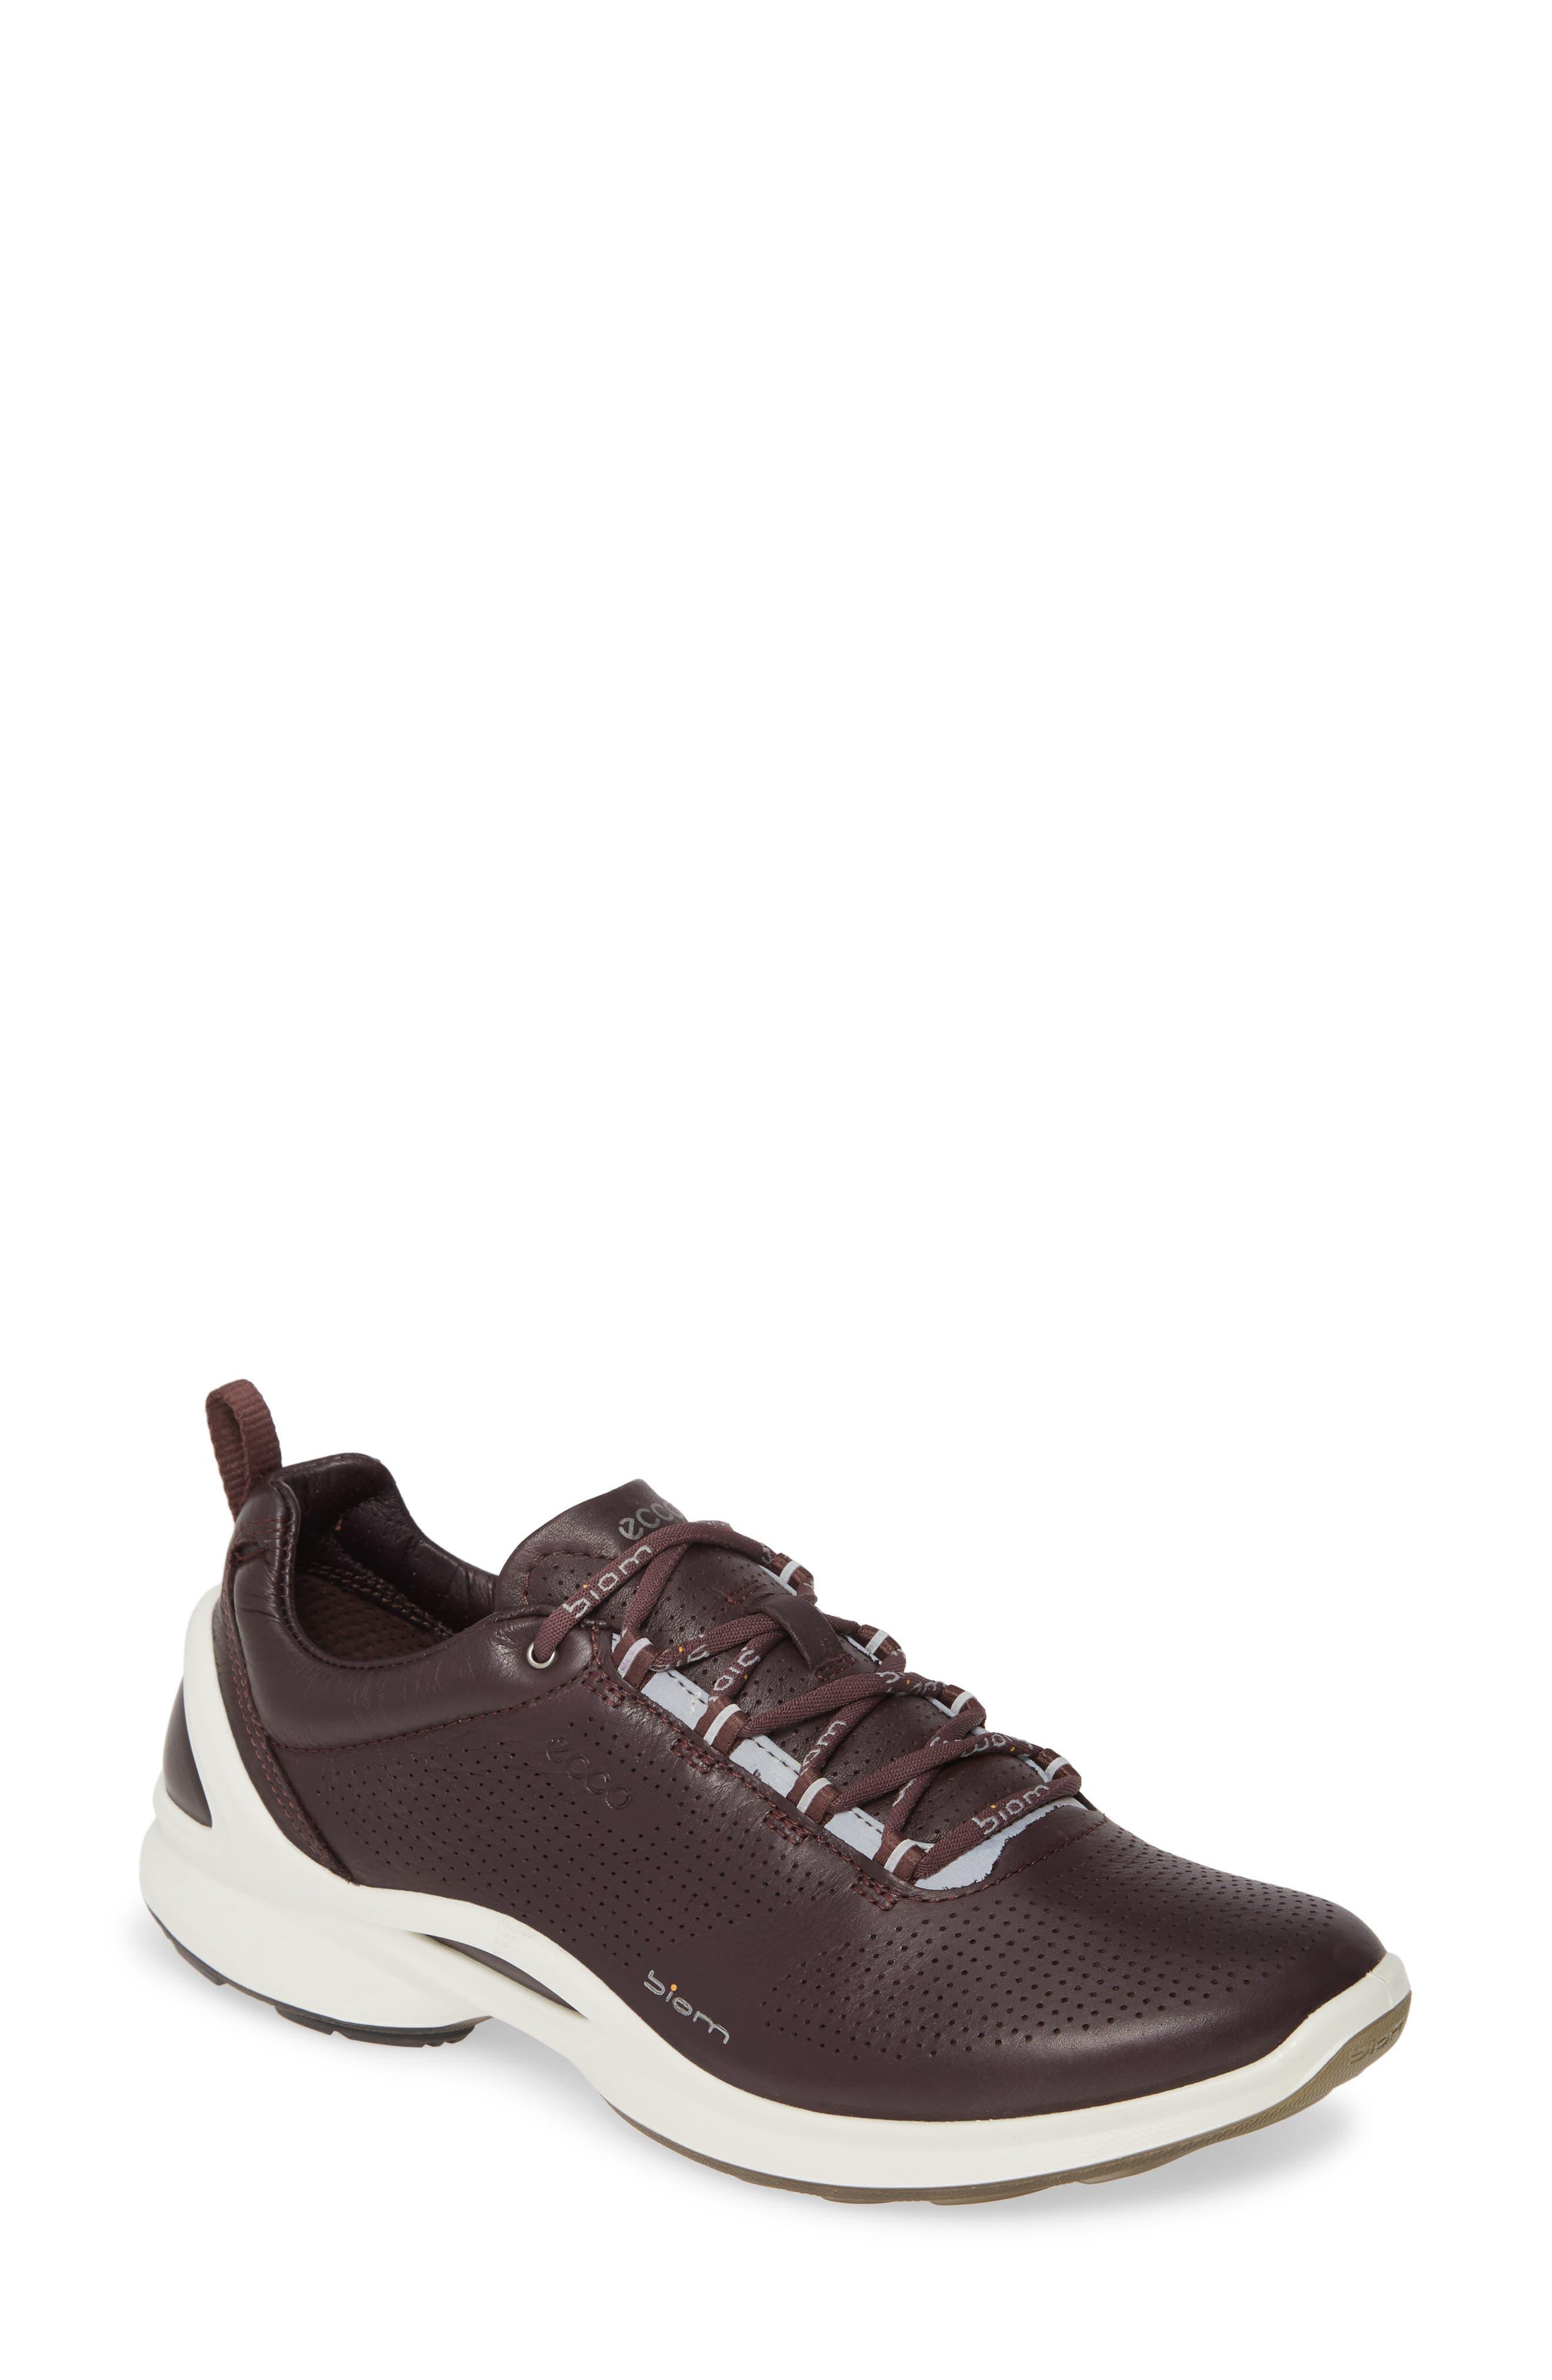 ECCO 'Biom Fjuel' Sneaker (Women